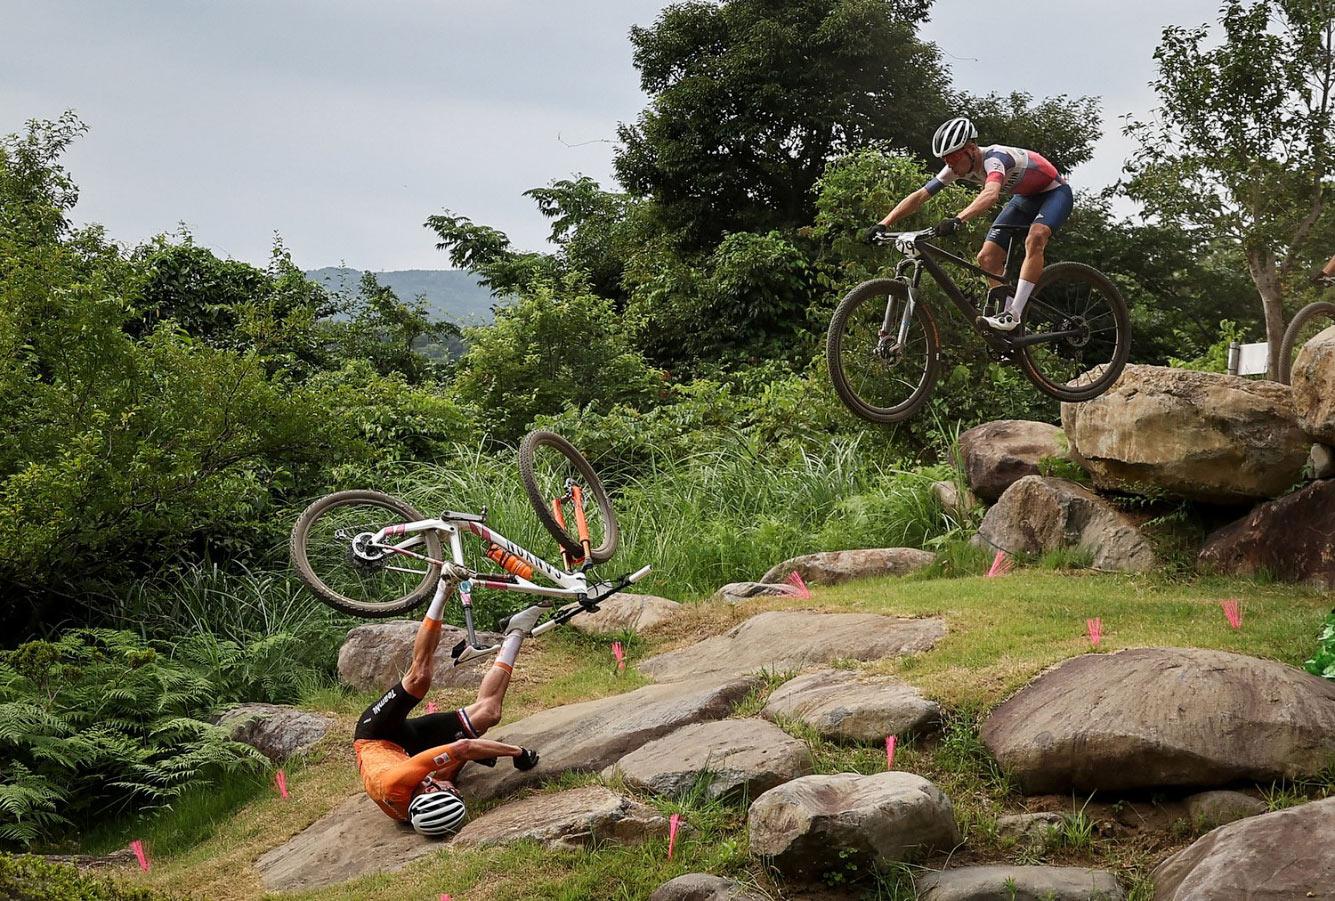 Матье ван дер Поэль из Нидерландов на гонке на горных велосипедах в Сидзуоке